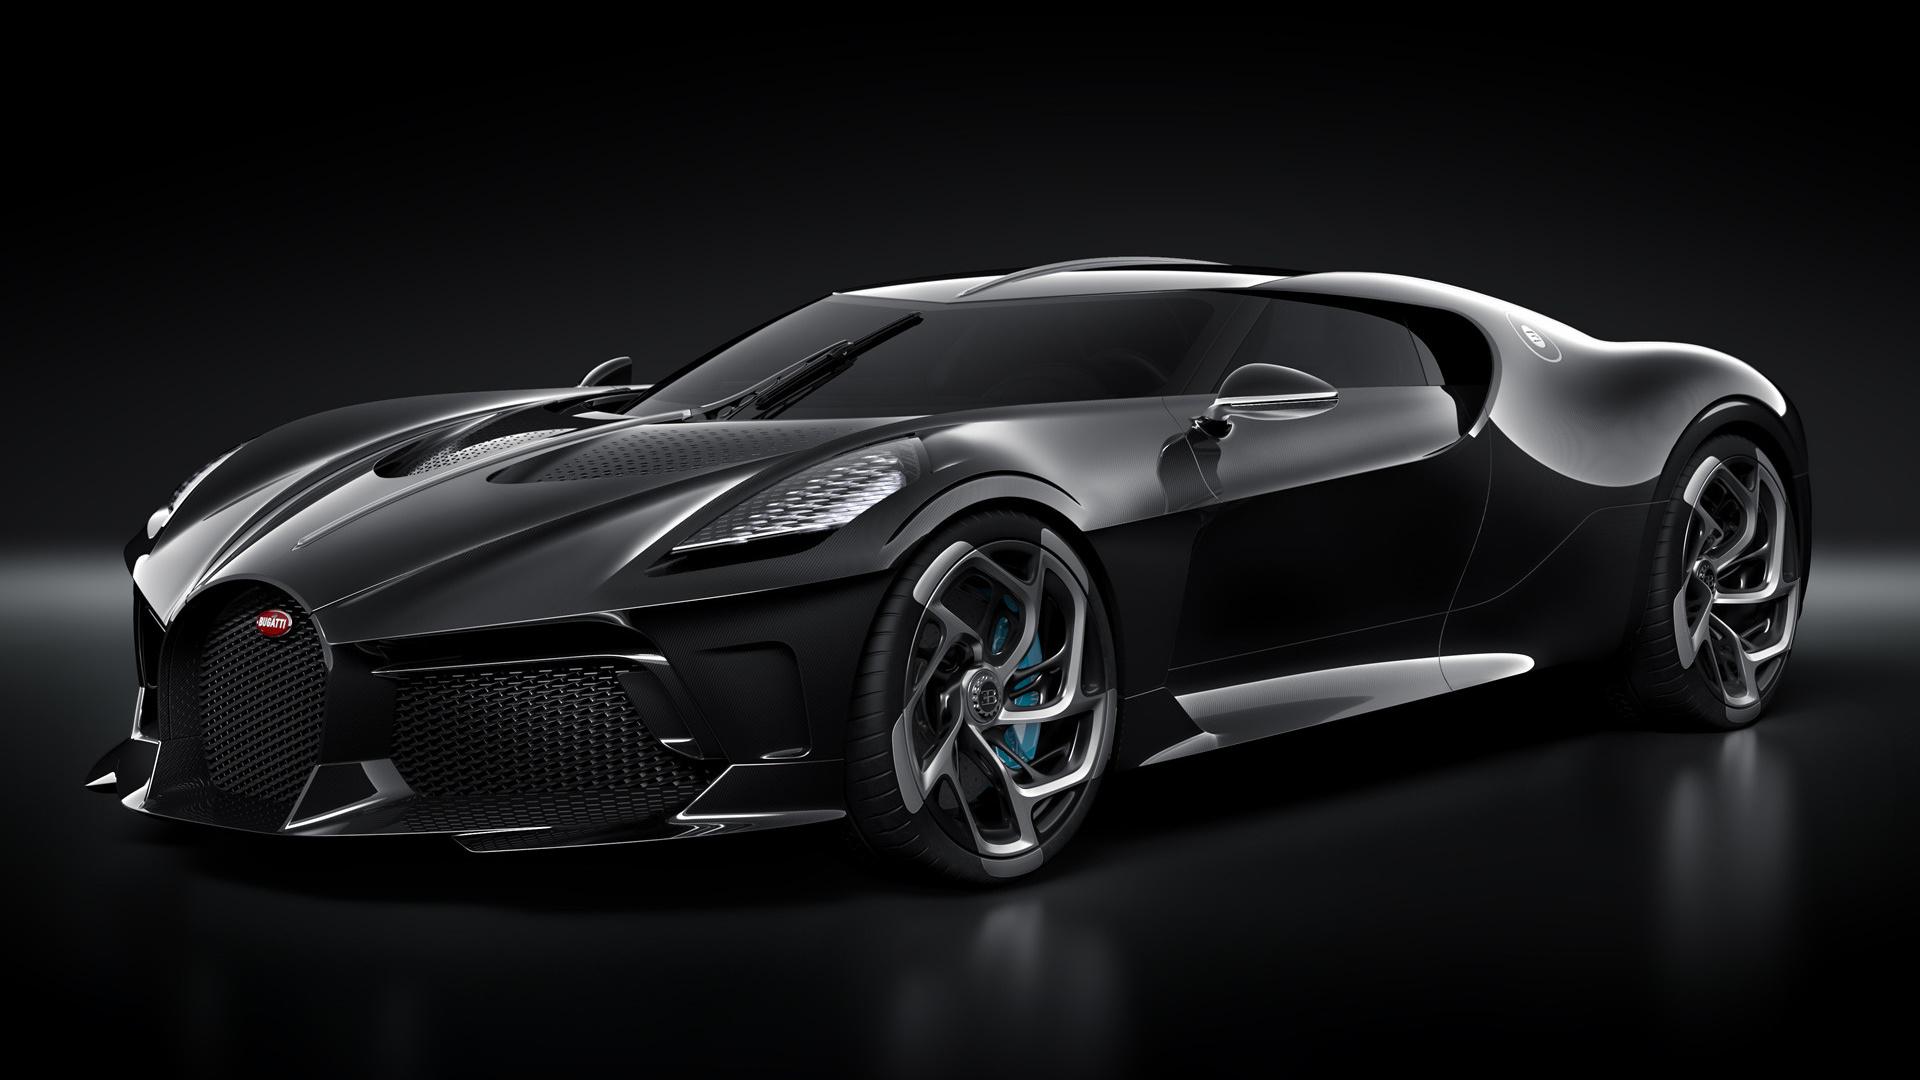 2019 Bugatti La Voiture Noire Wallpapers And Hd Images Car Pixel